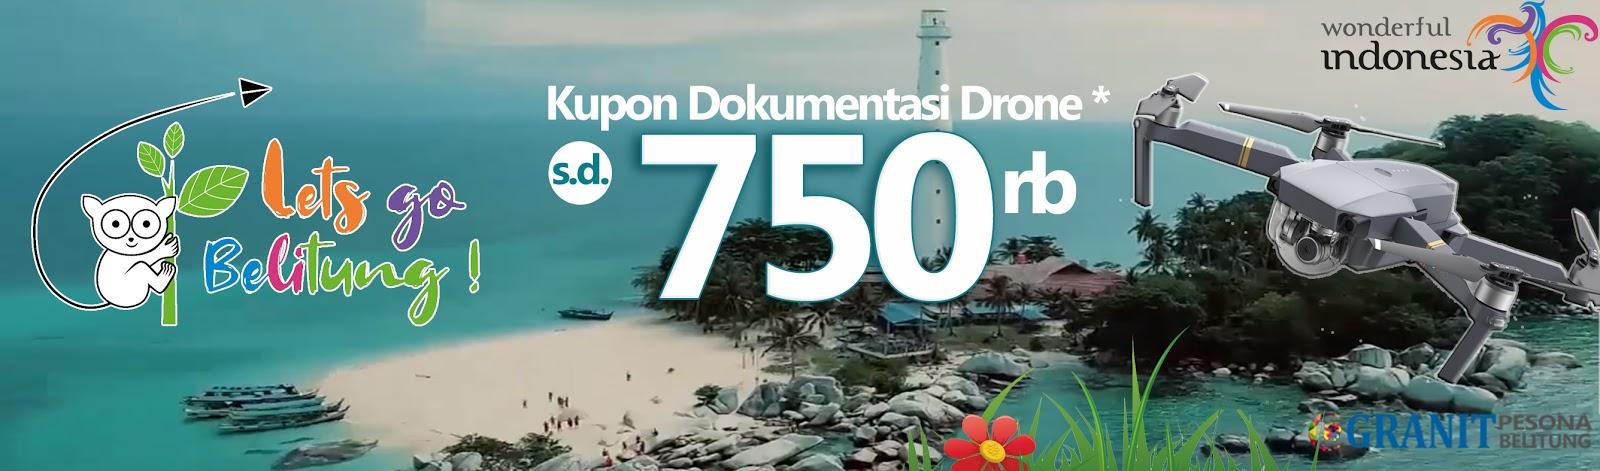 Promo Bonus Drone Liburan ke Belitung